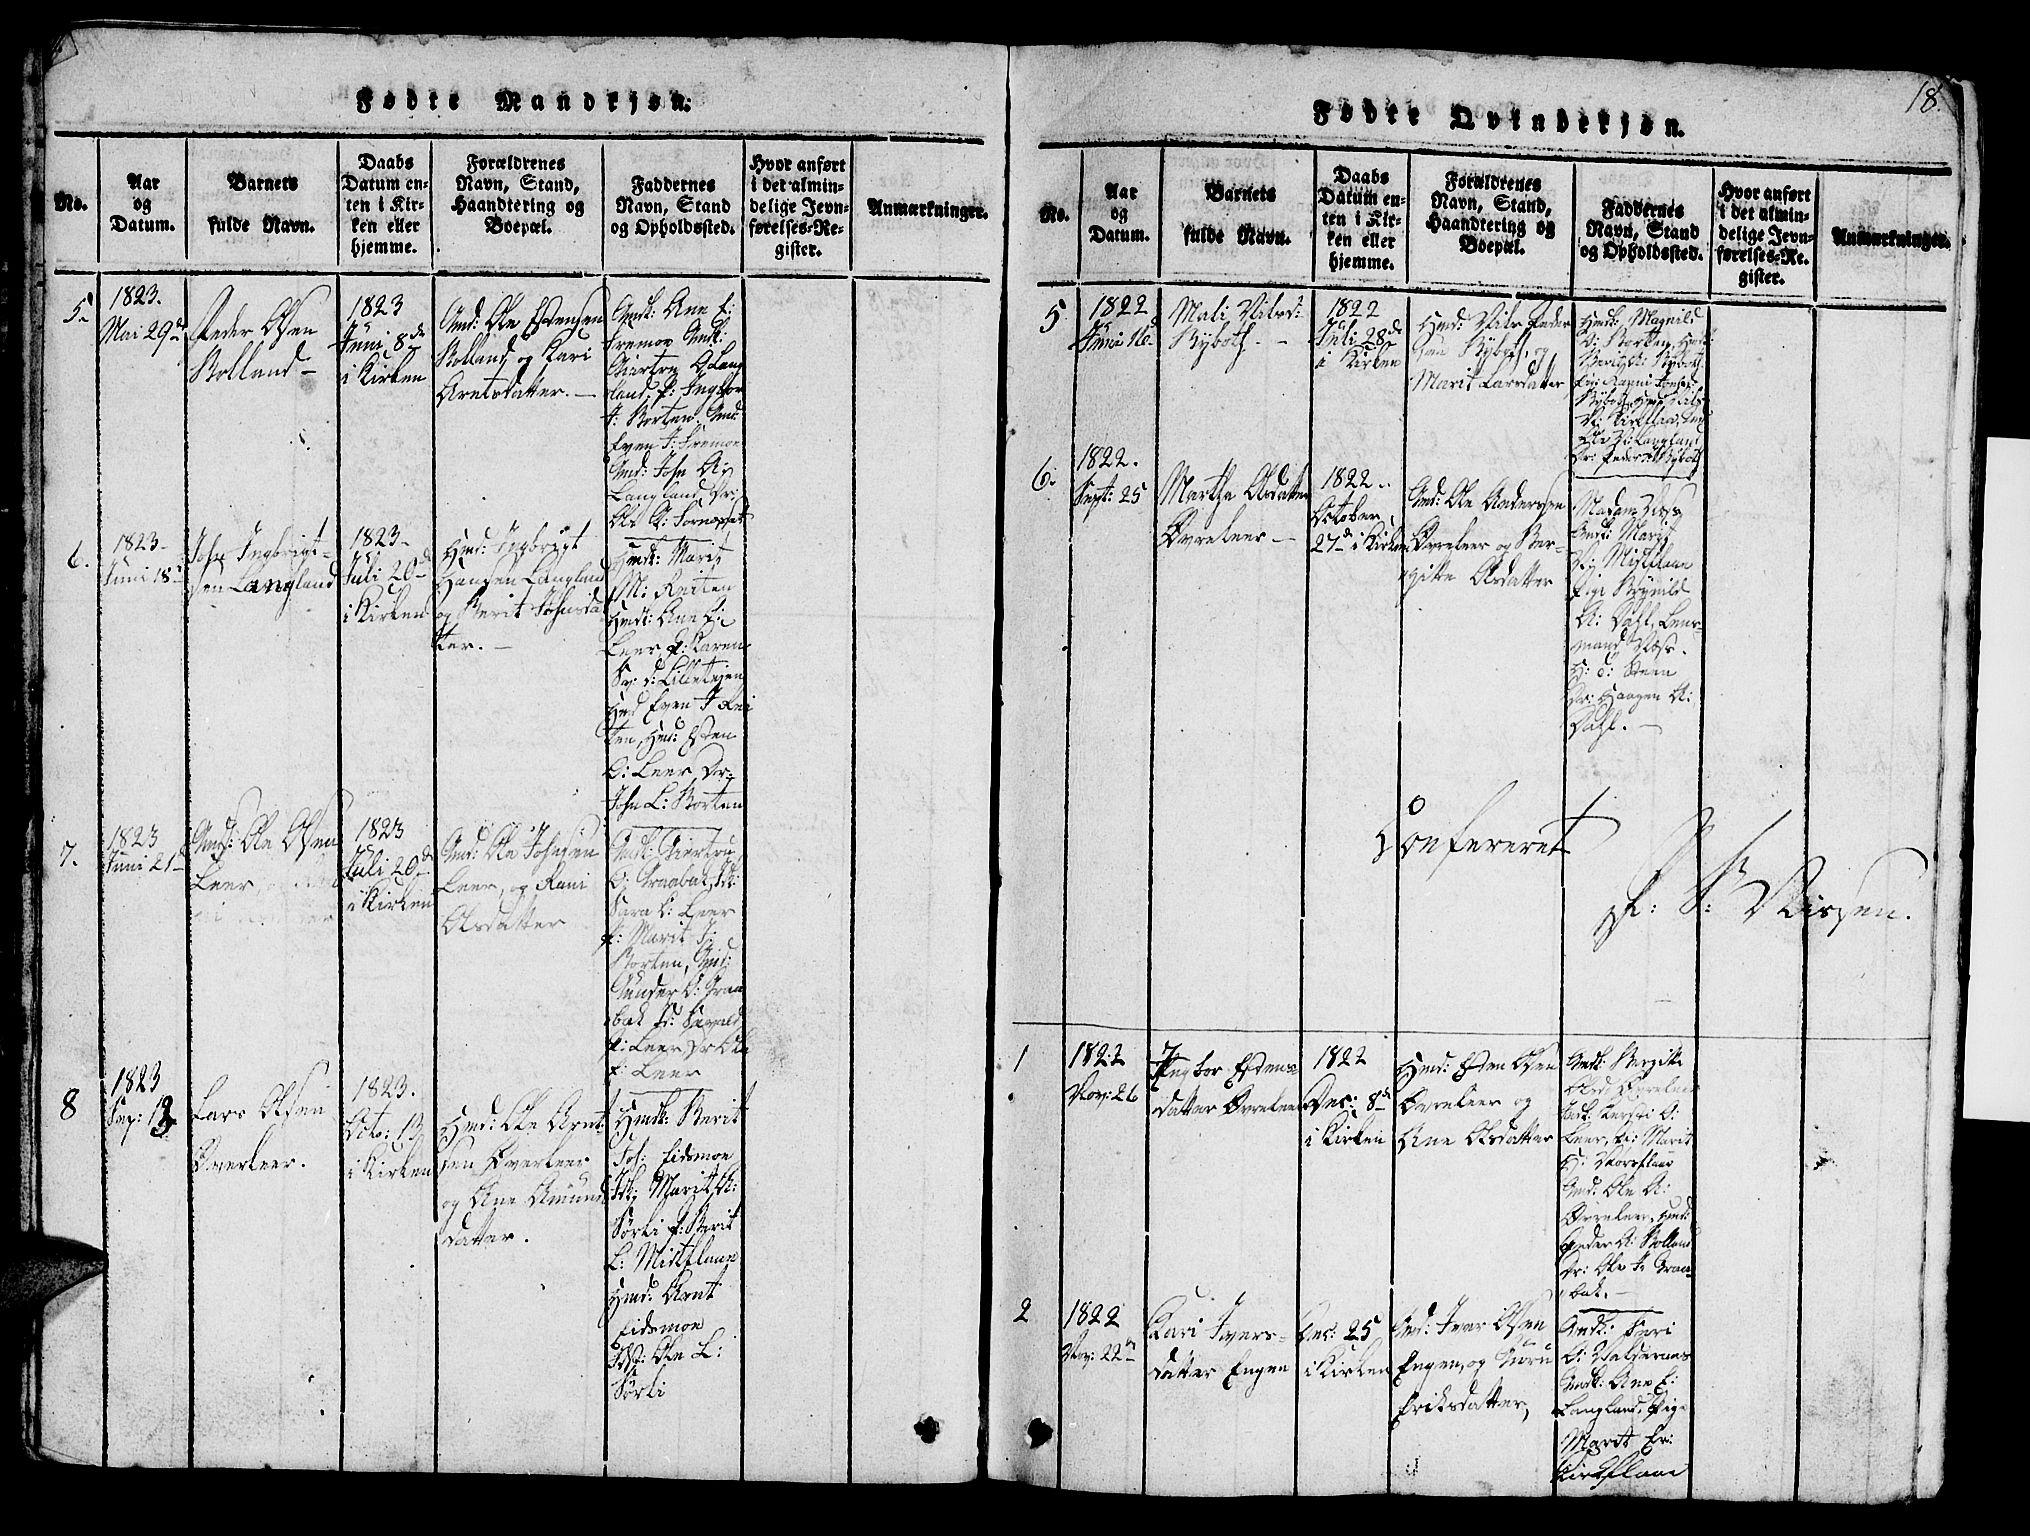 SAT, Ministerialprotokoller, klokkerbøker og fødselsregistre - Sør-Trøndelag, 693/L1121: Klokkerbok nr. 693C02, 1816-1869, s. 18